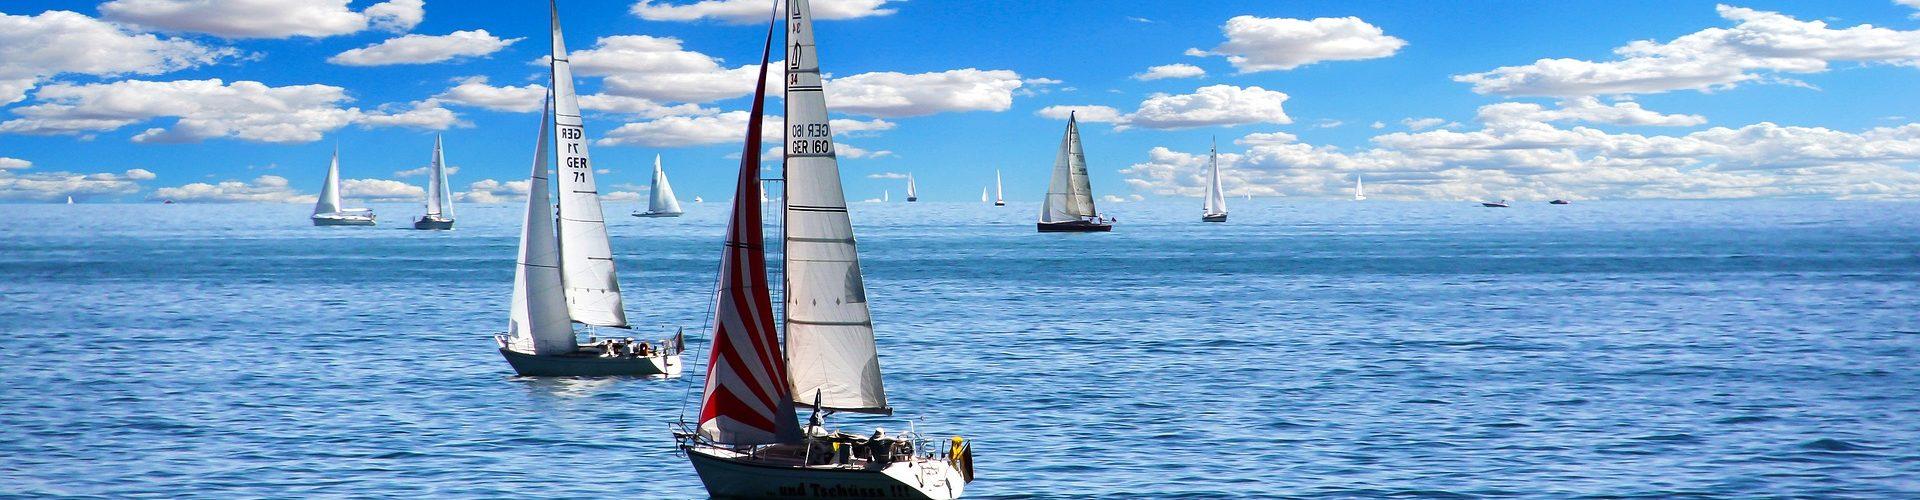 segeln lernen in Erding segelschein machen in Erding 1920x500 - Segeln lernen in Erding